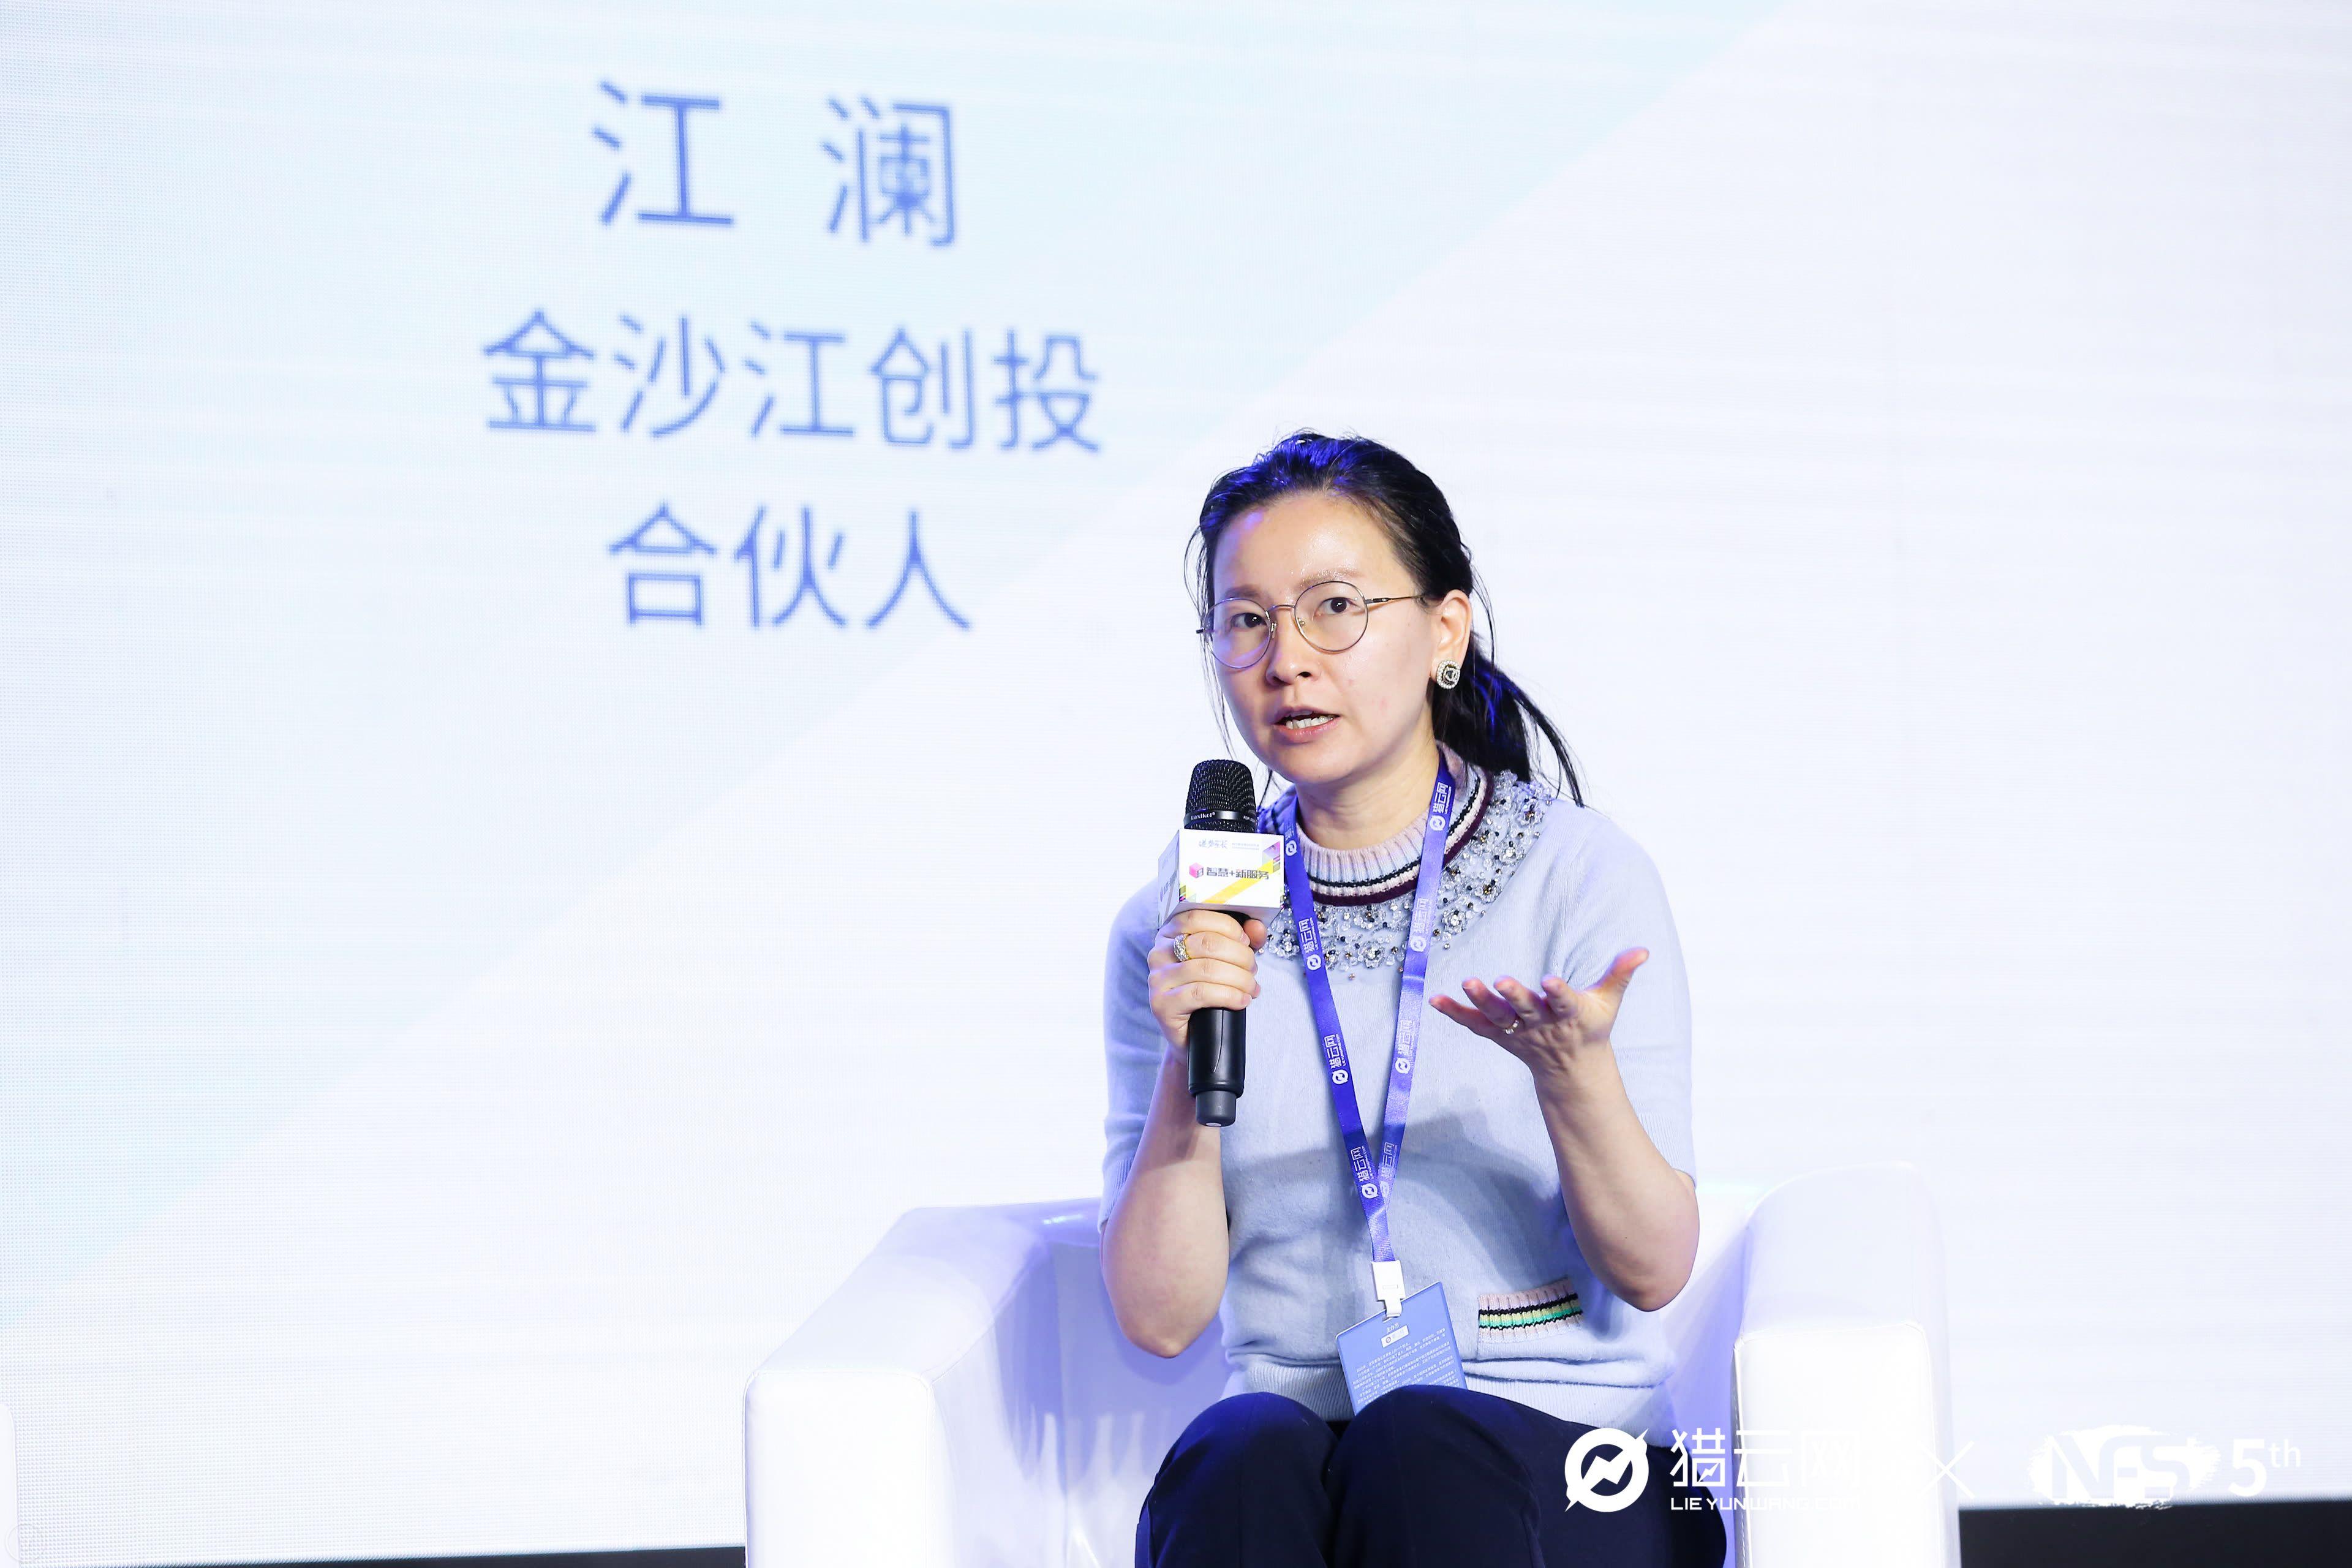 金沙江创业投资有限公司合伙人江岩:我们关注工业互联网、零售和数字驱动